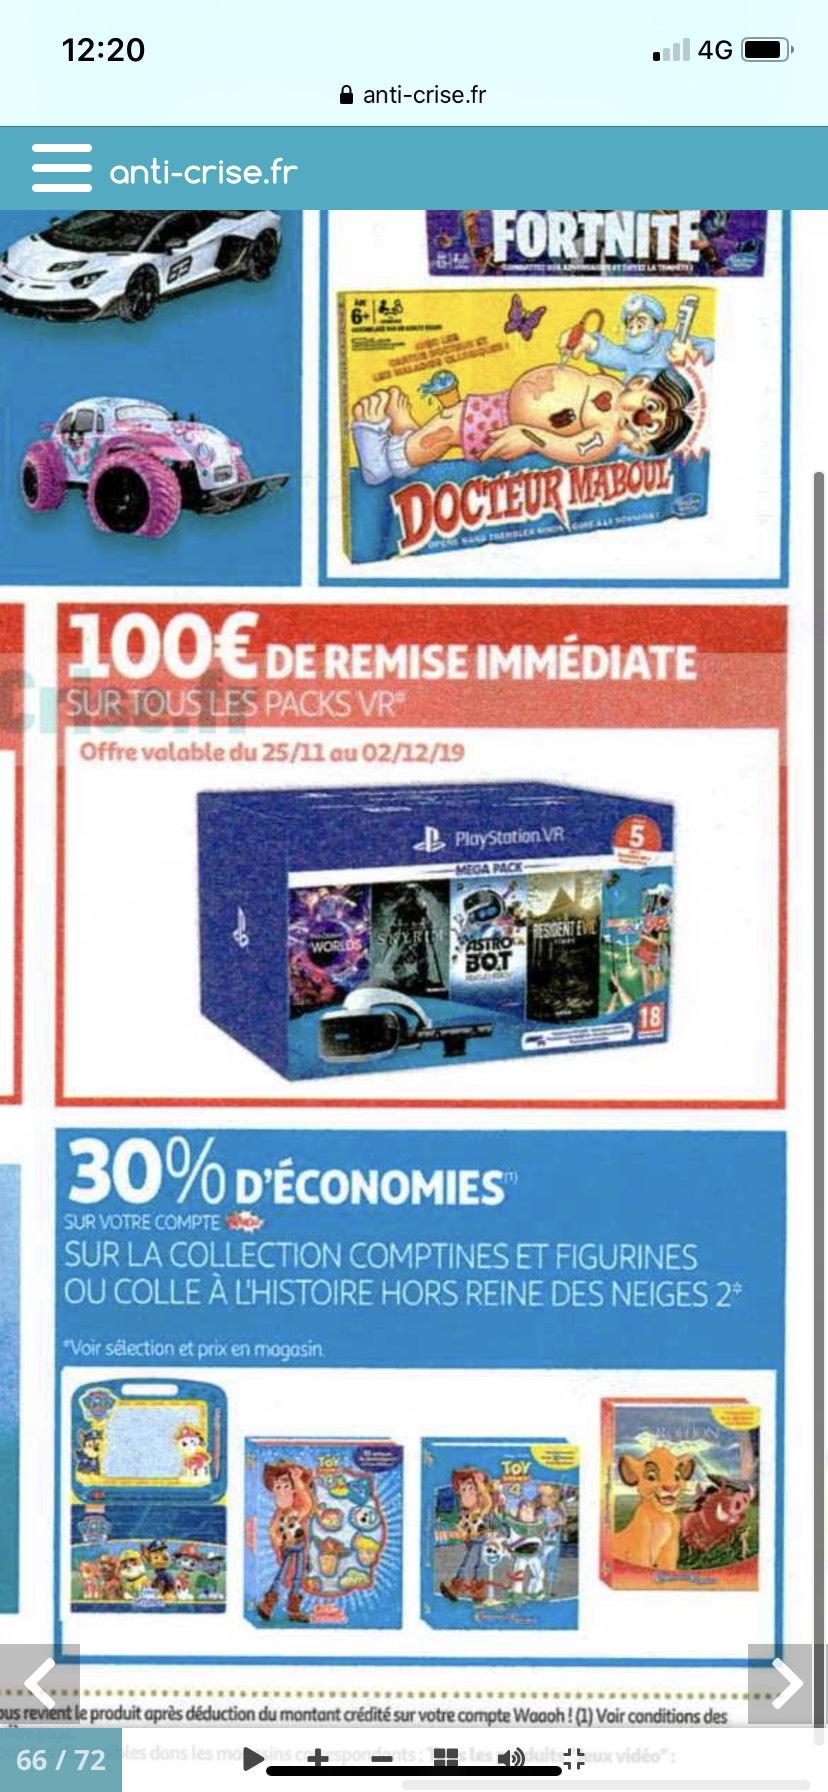 100€ de réduction immédiate sur tous les packs Sony PlayStation VR